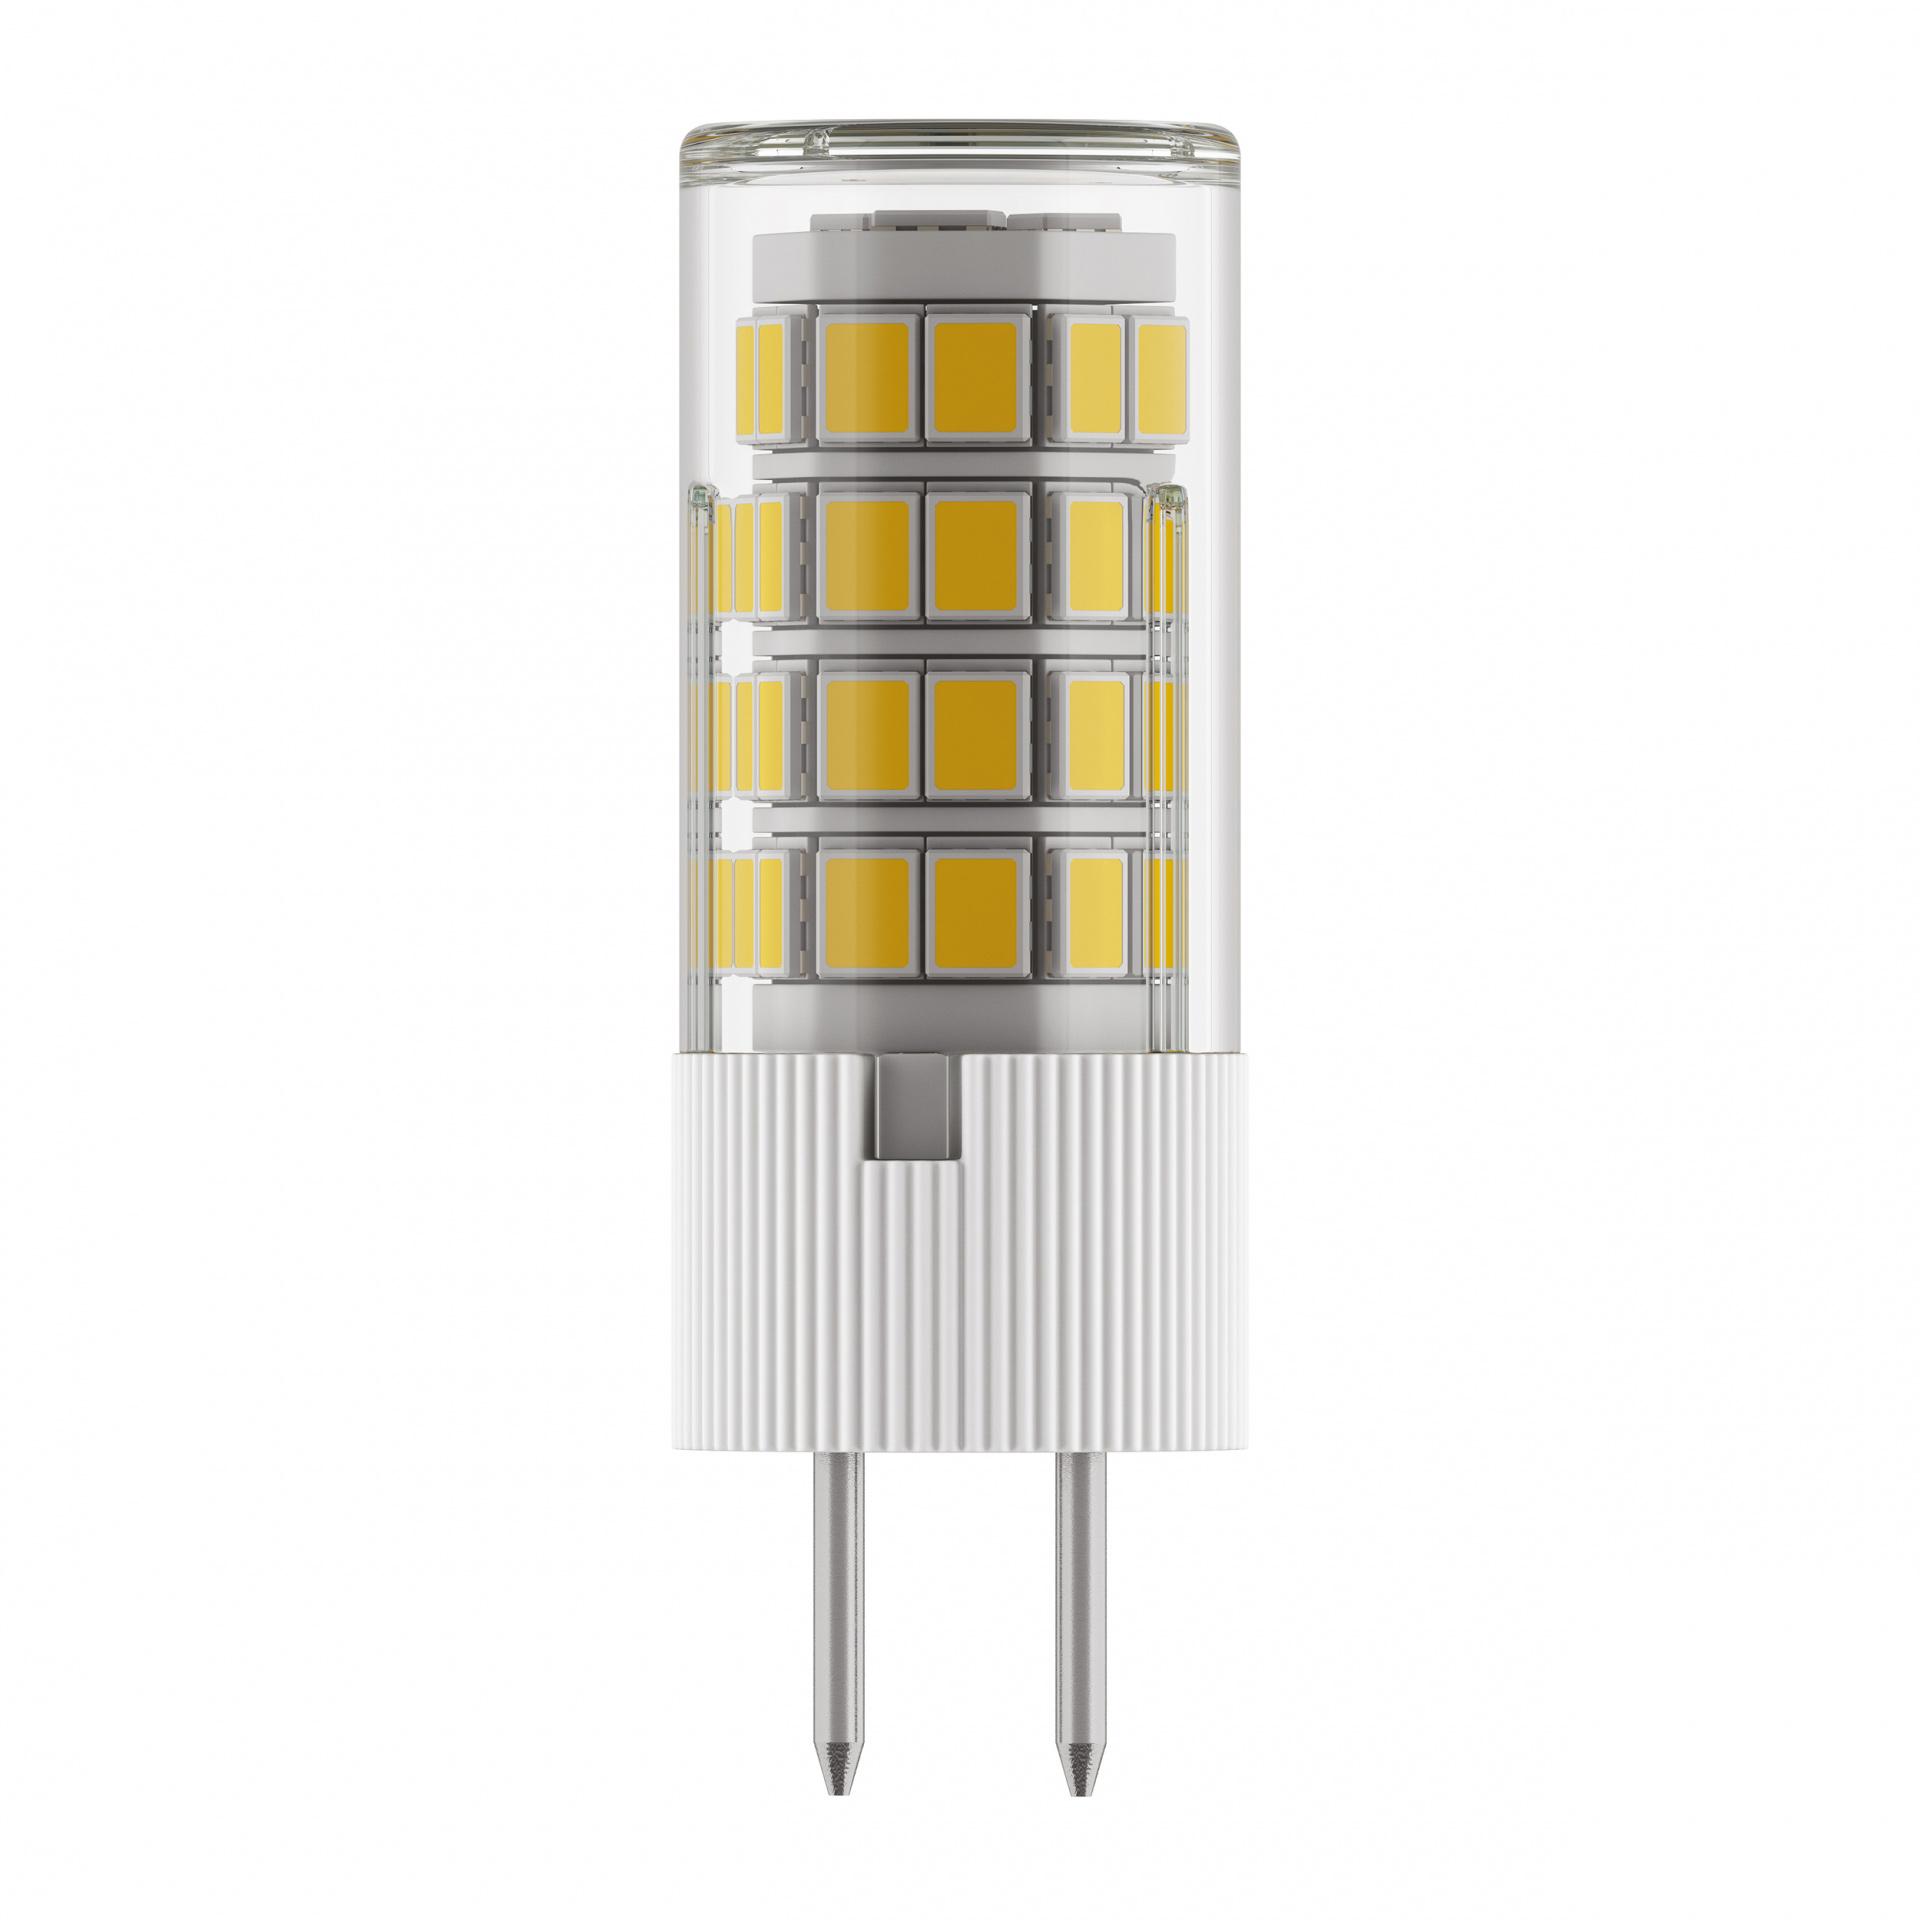 Лампа LED 220V Т20 G4 6W=60W 492LM 360G CL 4000K 20000H Lightstar 940414, купить в СПб, Москве, с доставкой, Санкт-Петербург, интернет-магазин люстр и светильников Starlight, фото в жизни